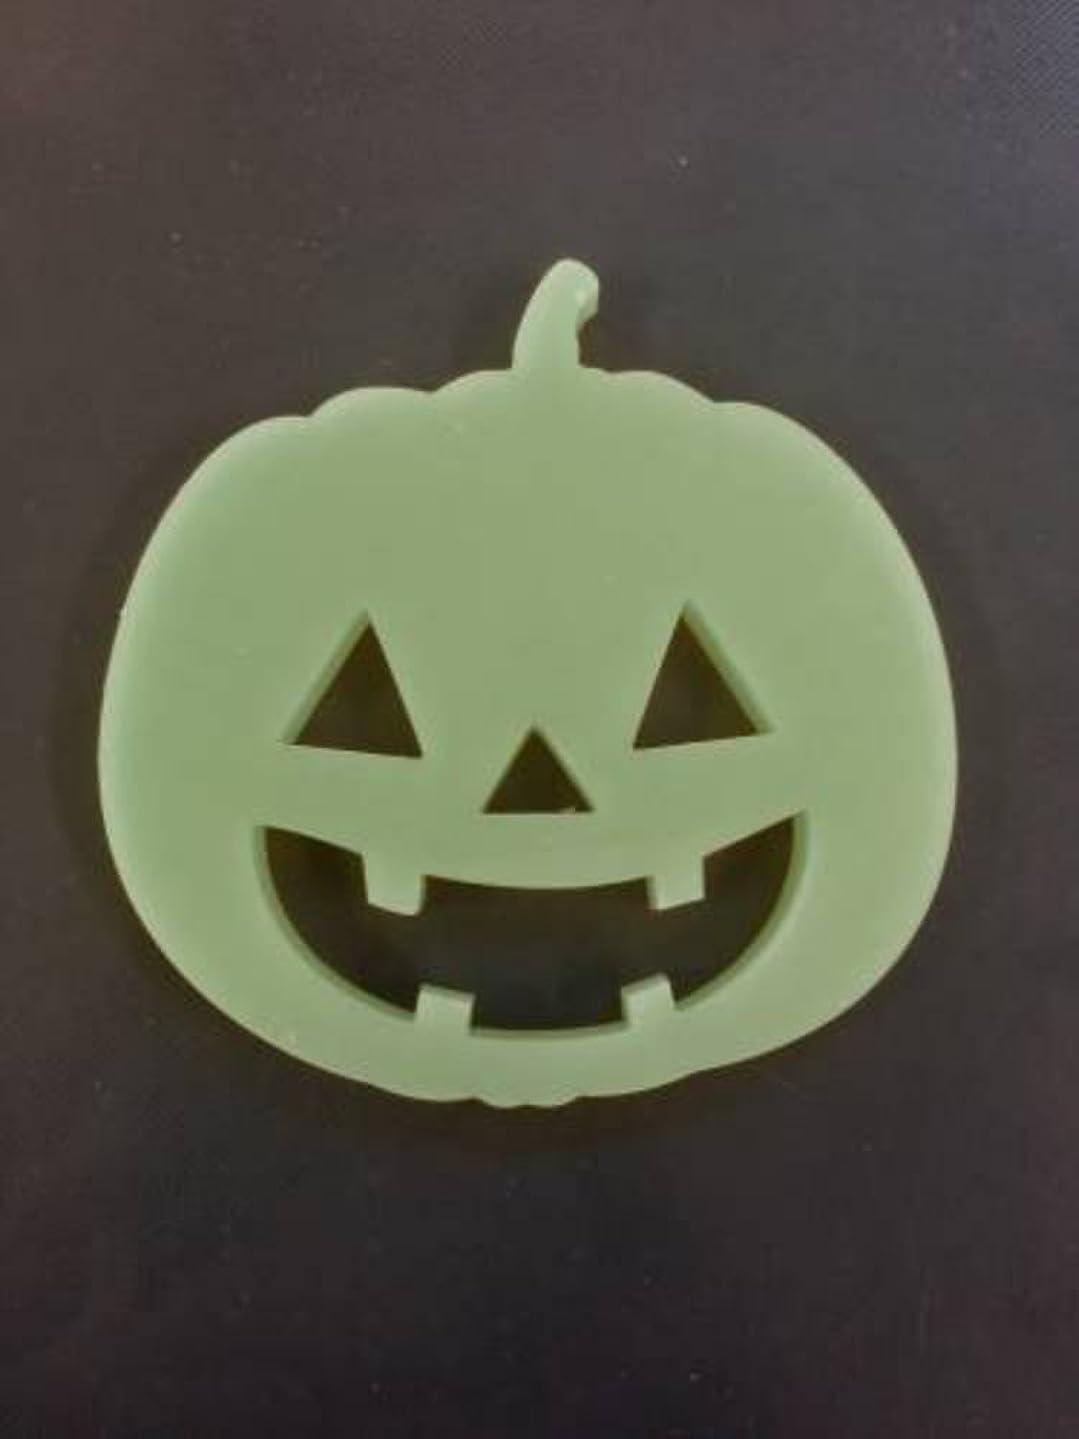 メアリアンジョーンズ減る単独でGRASSE TOKYO AROMATICWAXチャーム「ハロウィンかぼちゃ」(GR) レモングラス アロマティックワックス グラーストウキョウ